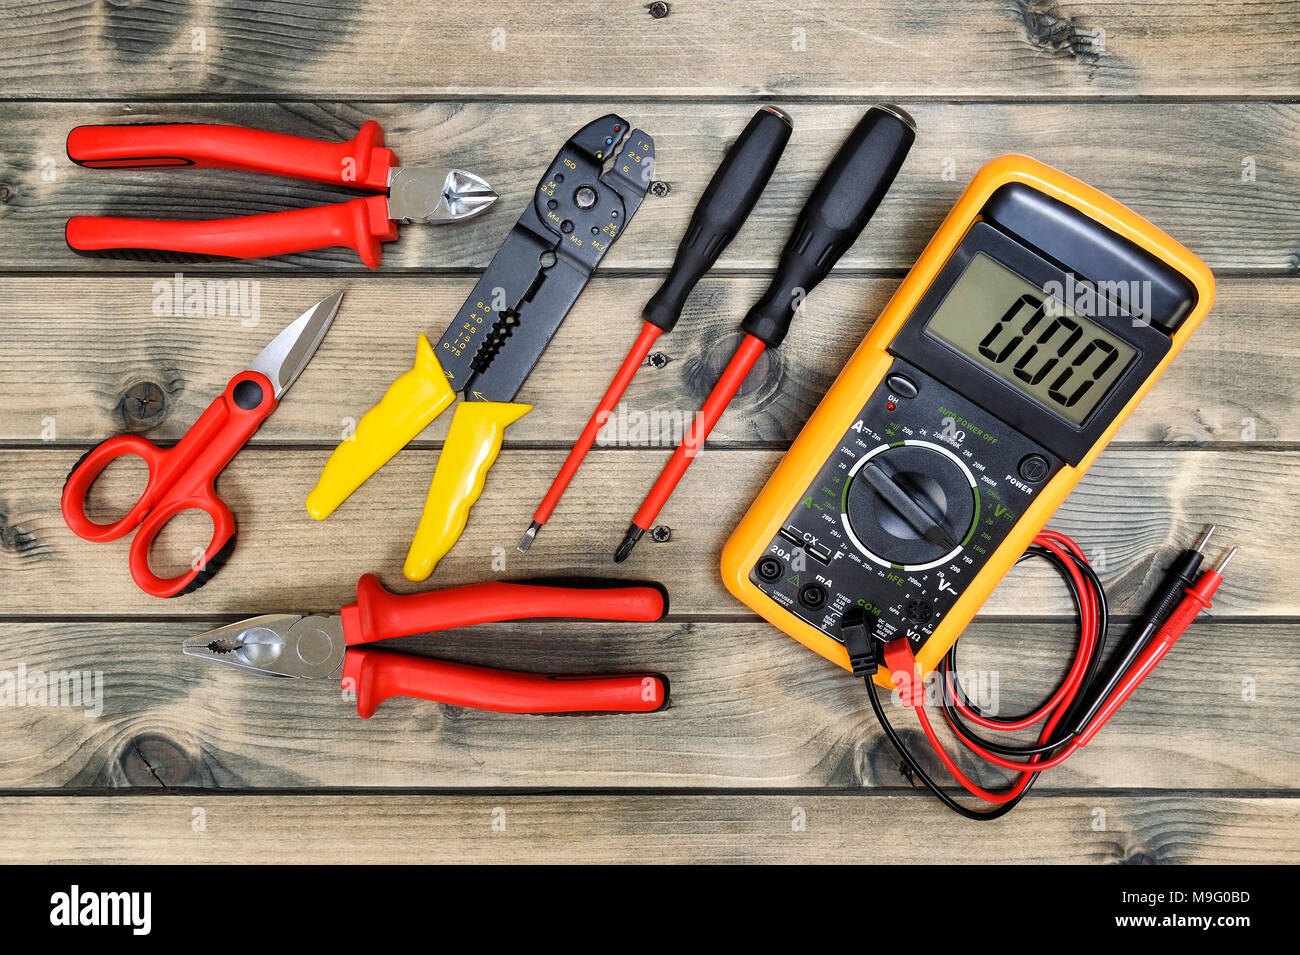 Nahaufnahme von Werkzeugen für Wohn- elektrische Installation auf einen alten Holztisch. Stockbild